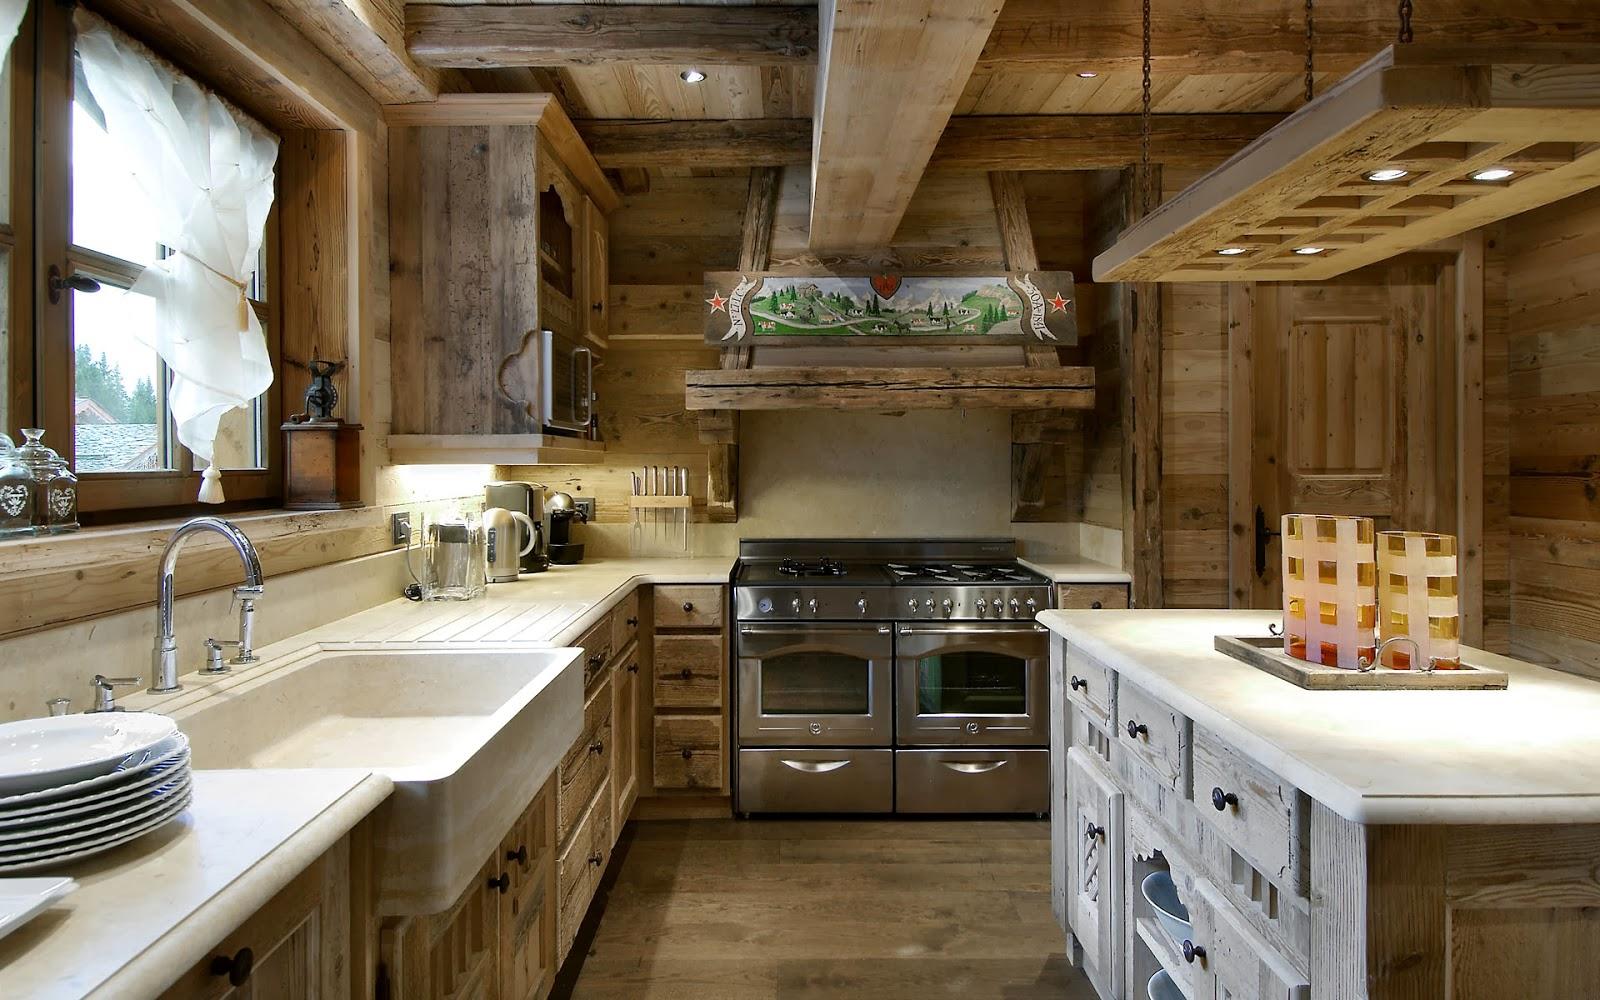 Как оформить кухню в стиле шале? Особенности стиля (25 фото)